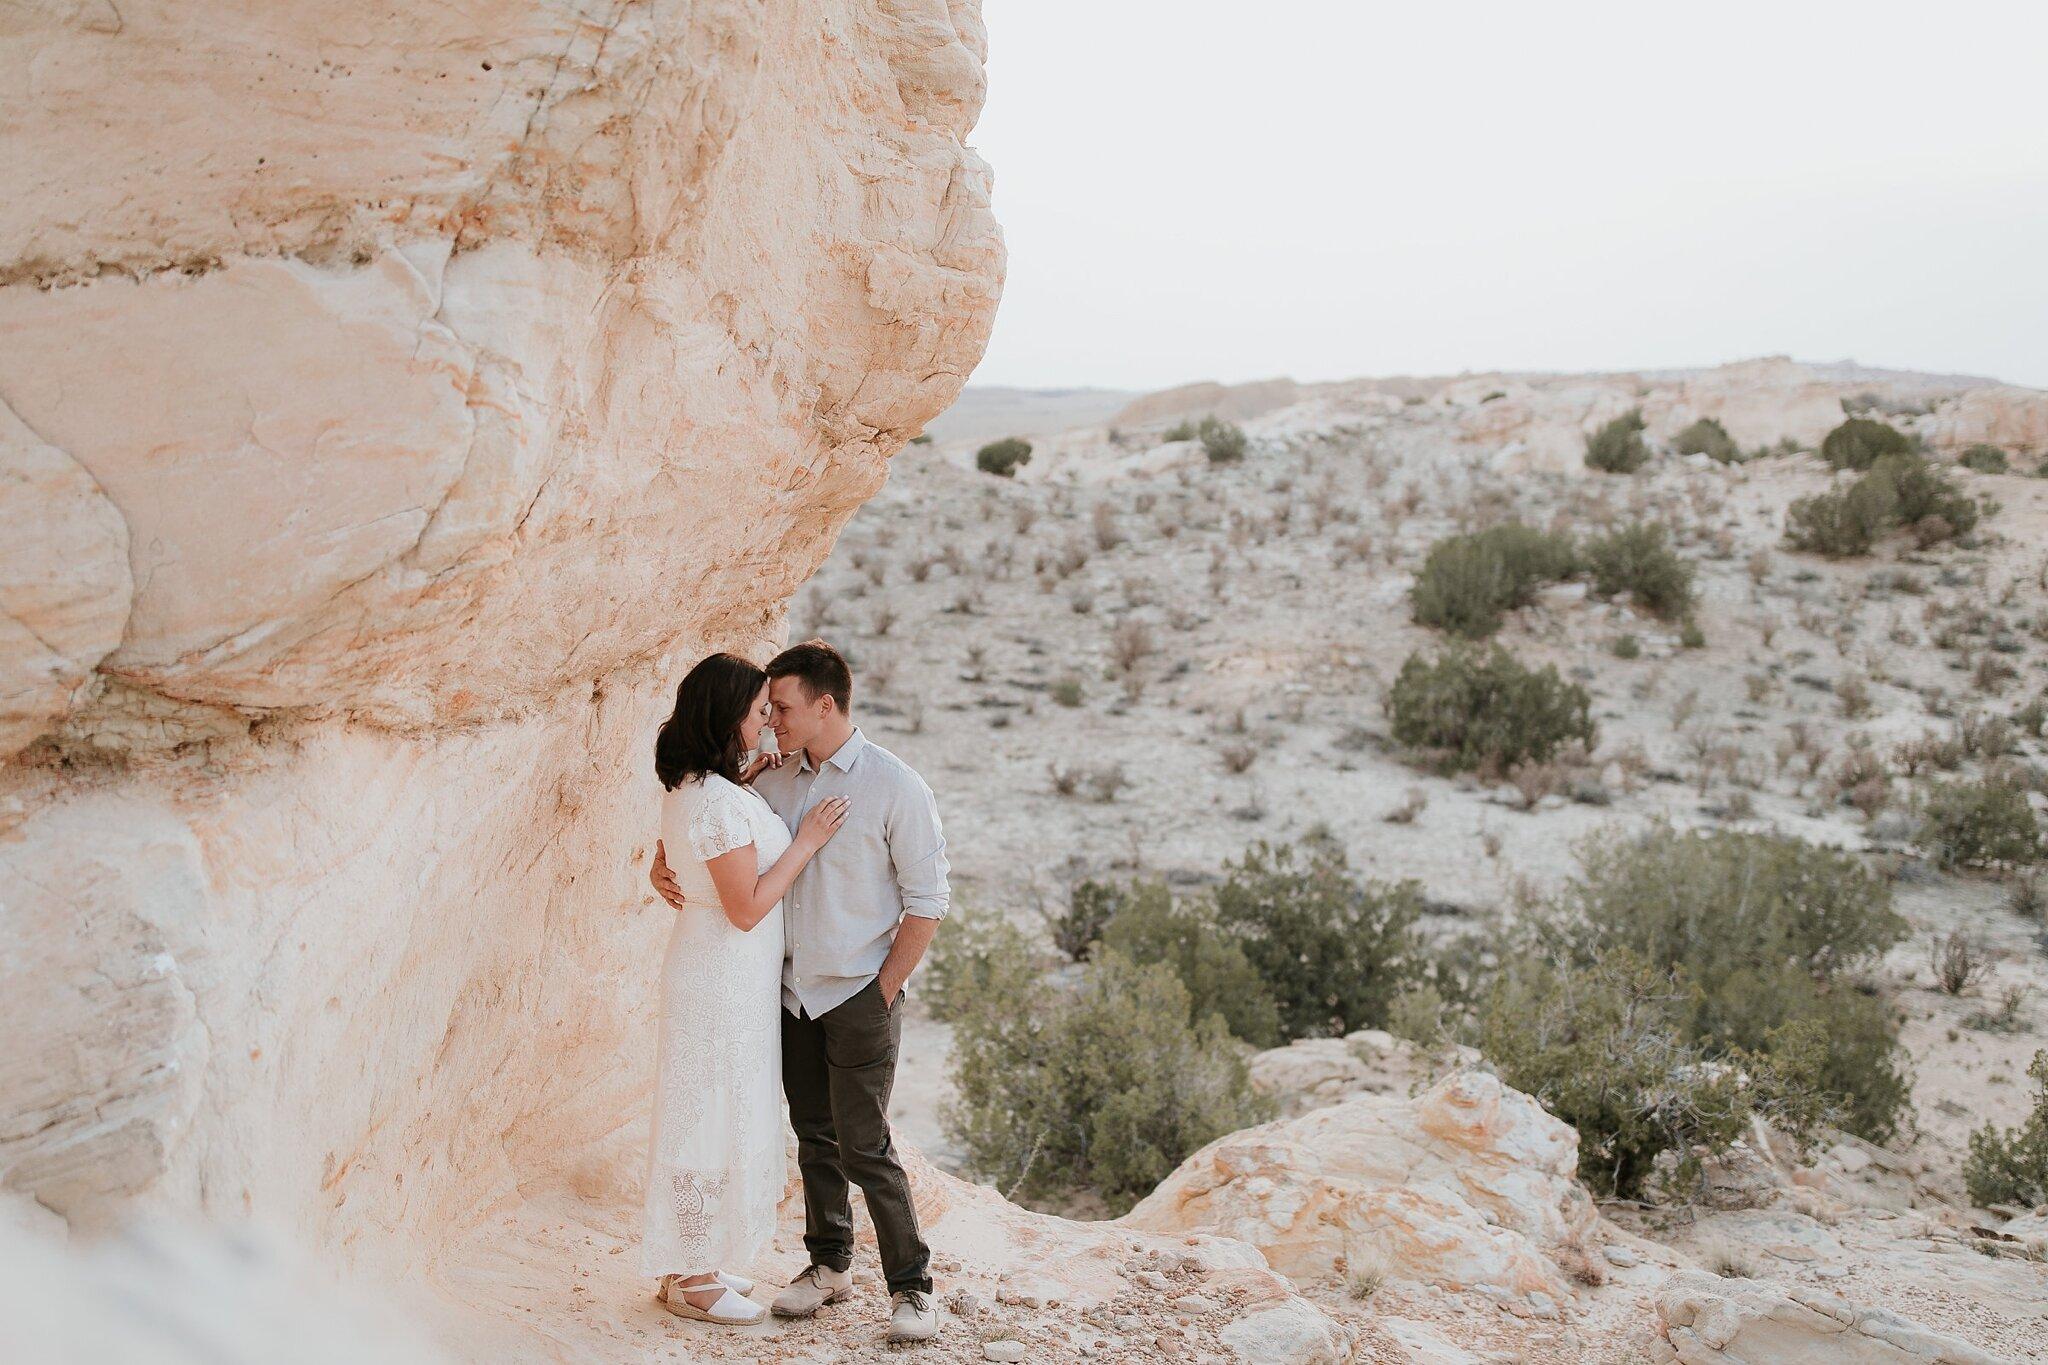 Alicia+lucia+photography+-+albuquerque+wedding+photographer+-+santa+fe+wedding+photography+-+new+mexico+wedding+photographer+-+new+mexico+wedding+-+engagement+-+desert+engagement+-+new+mexico+engagement+-+new+mexico+desert+engagement_0053.jpg